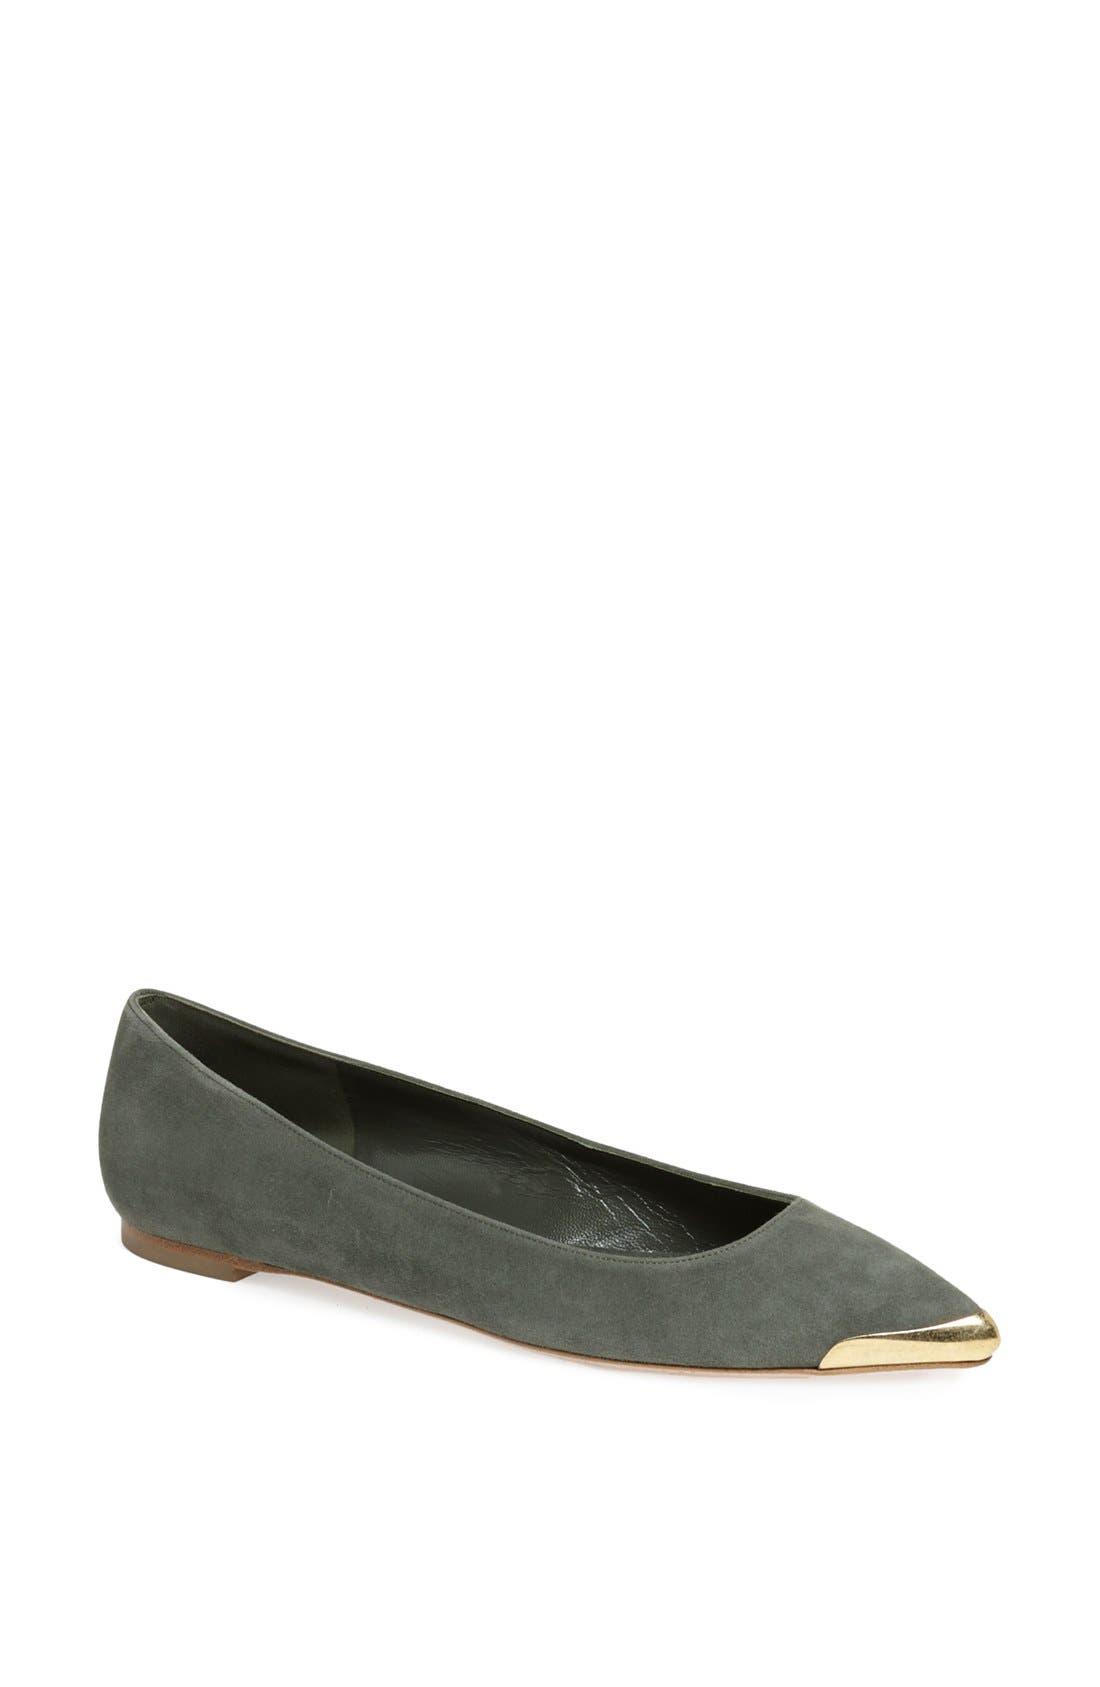 Main Image - Alexander McQueen Metal Toe Ballet Flat